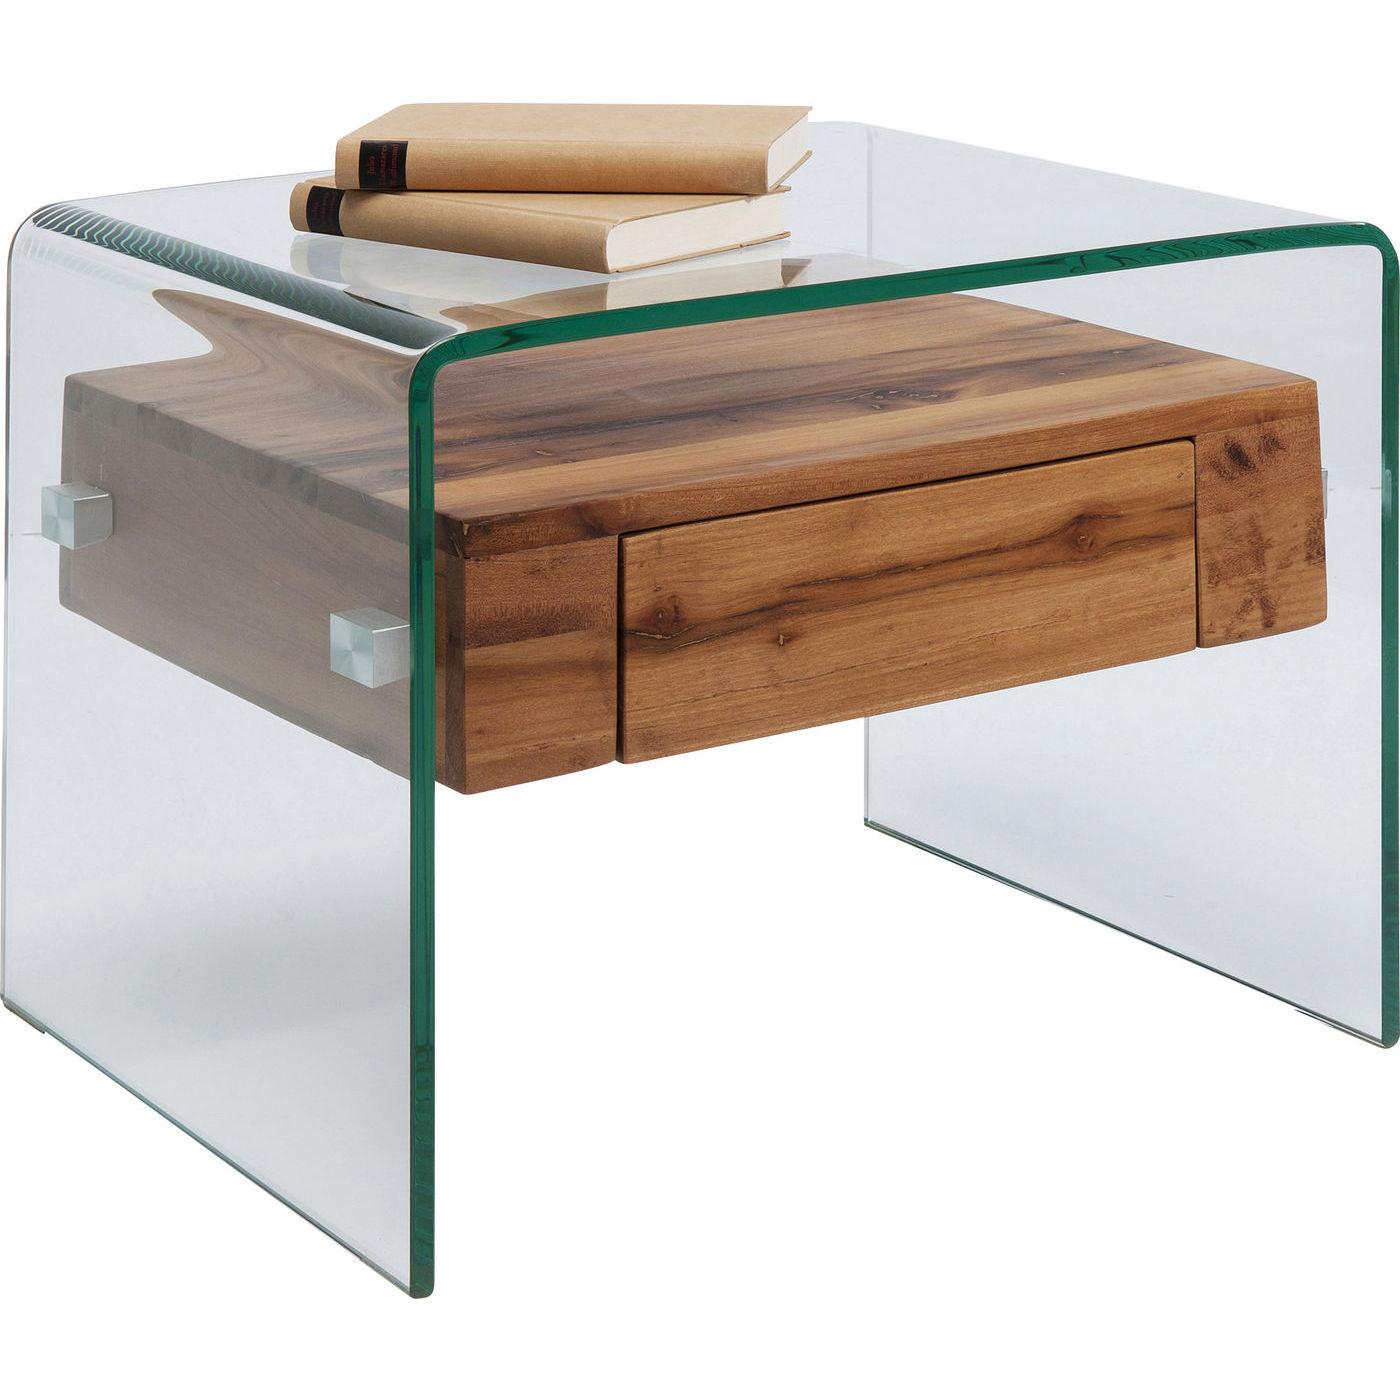 kare design – Kare design modern nature sidebord - klart glas/ natur shala genbrugstræ, m. 1 skuffe (52x44) på boboonline.dk